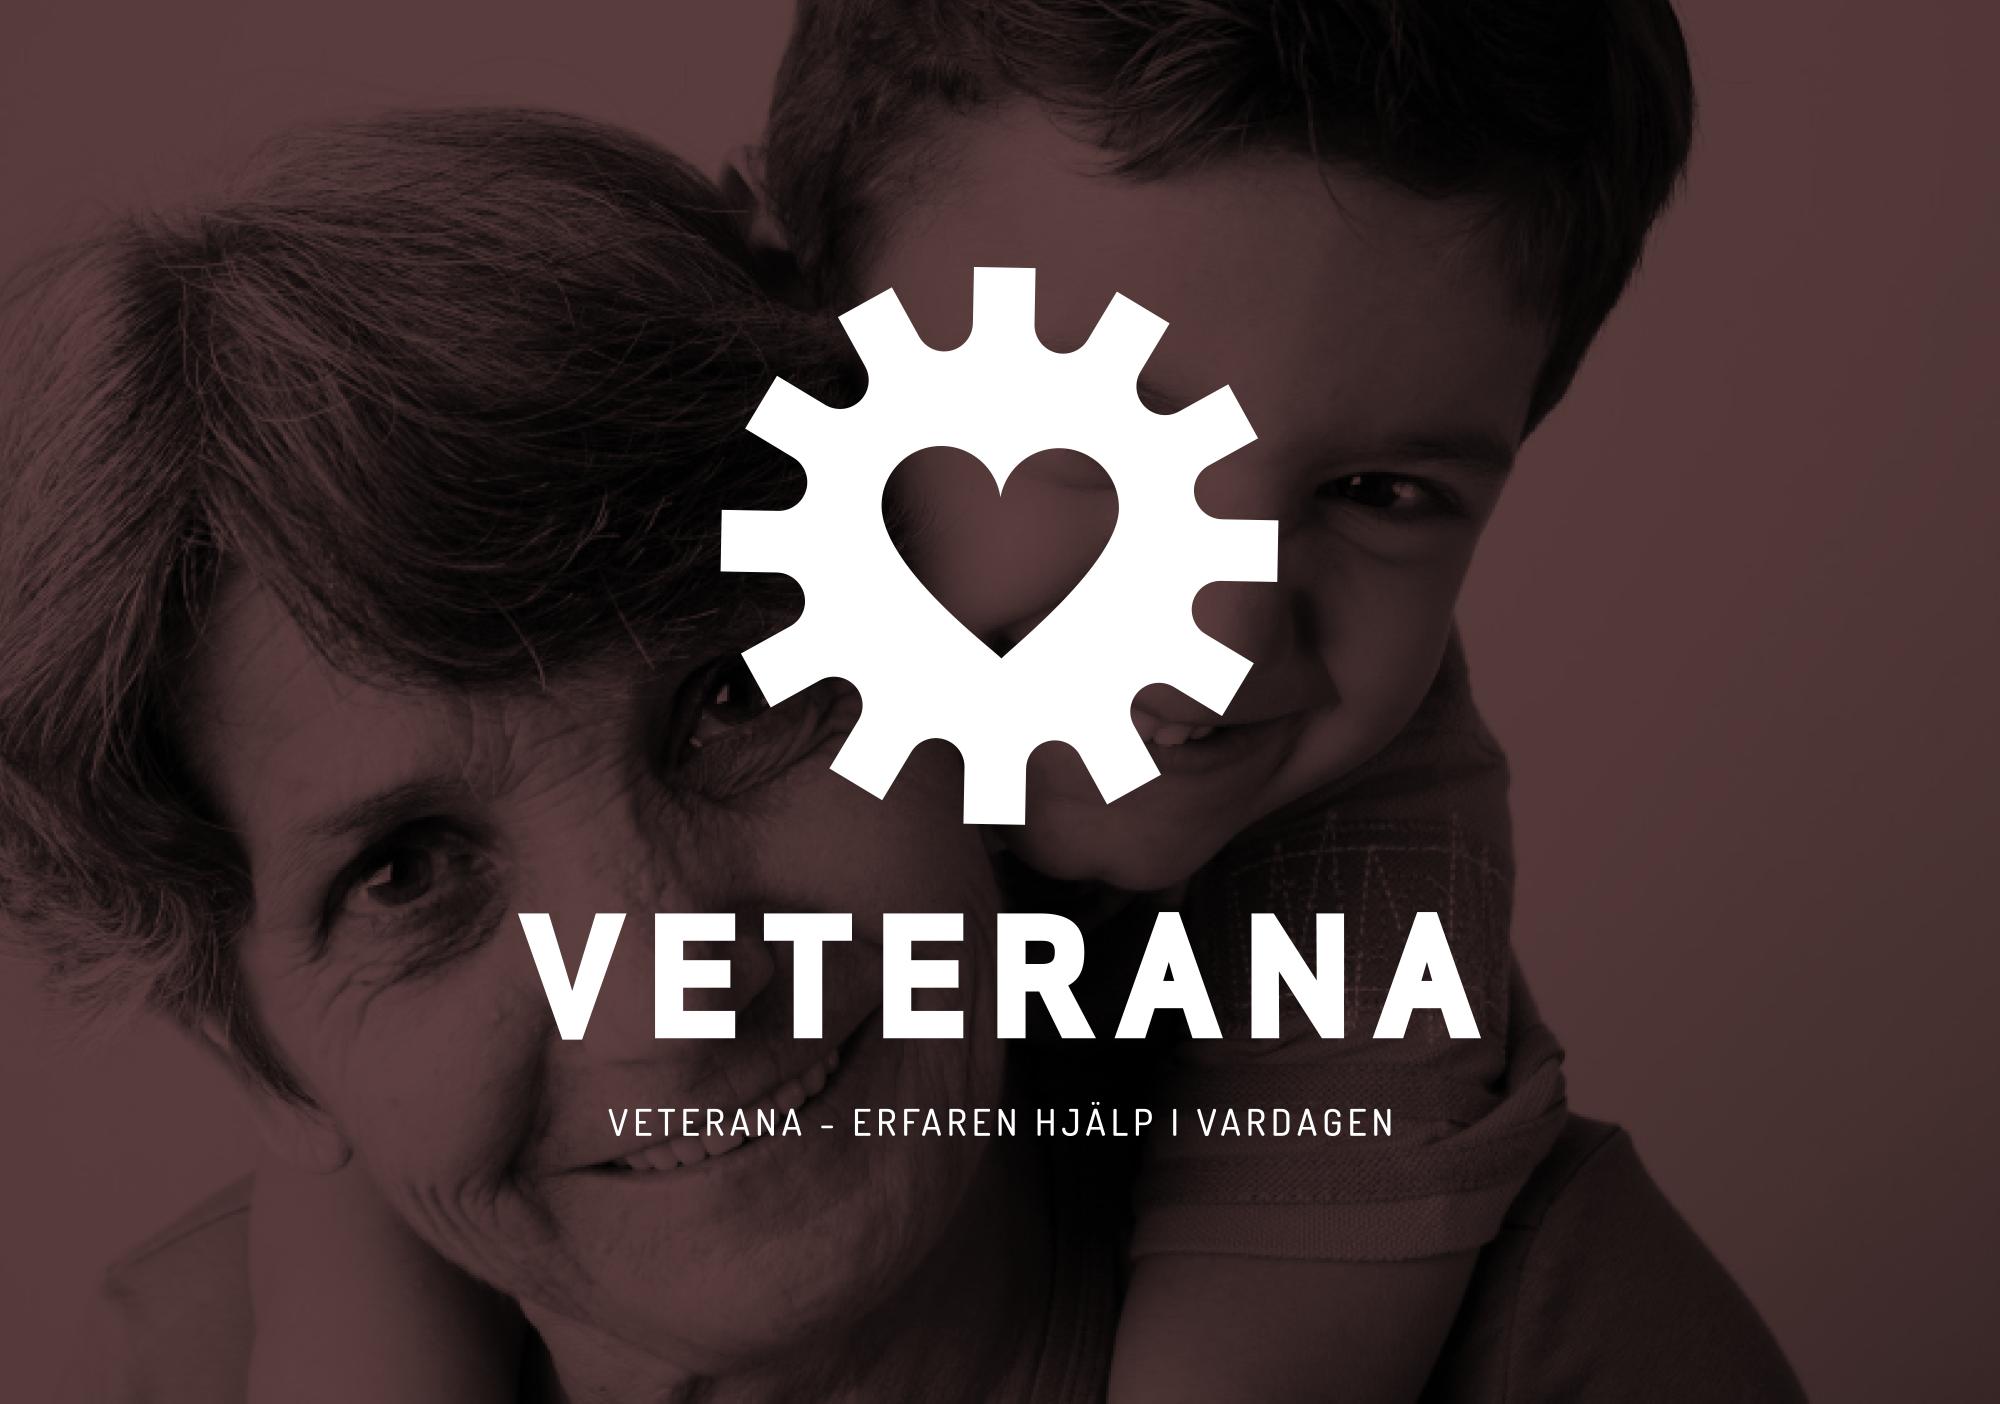 veterana_bild